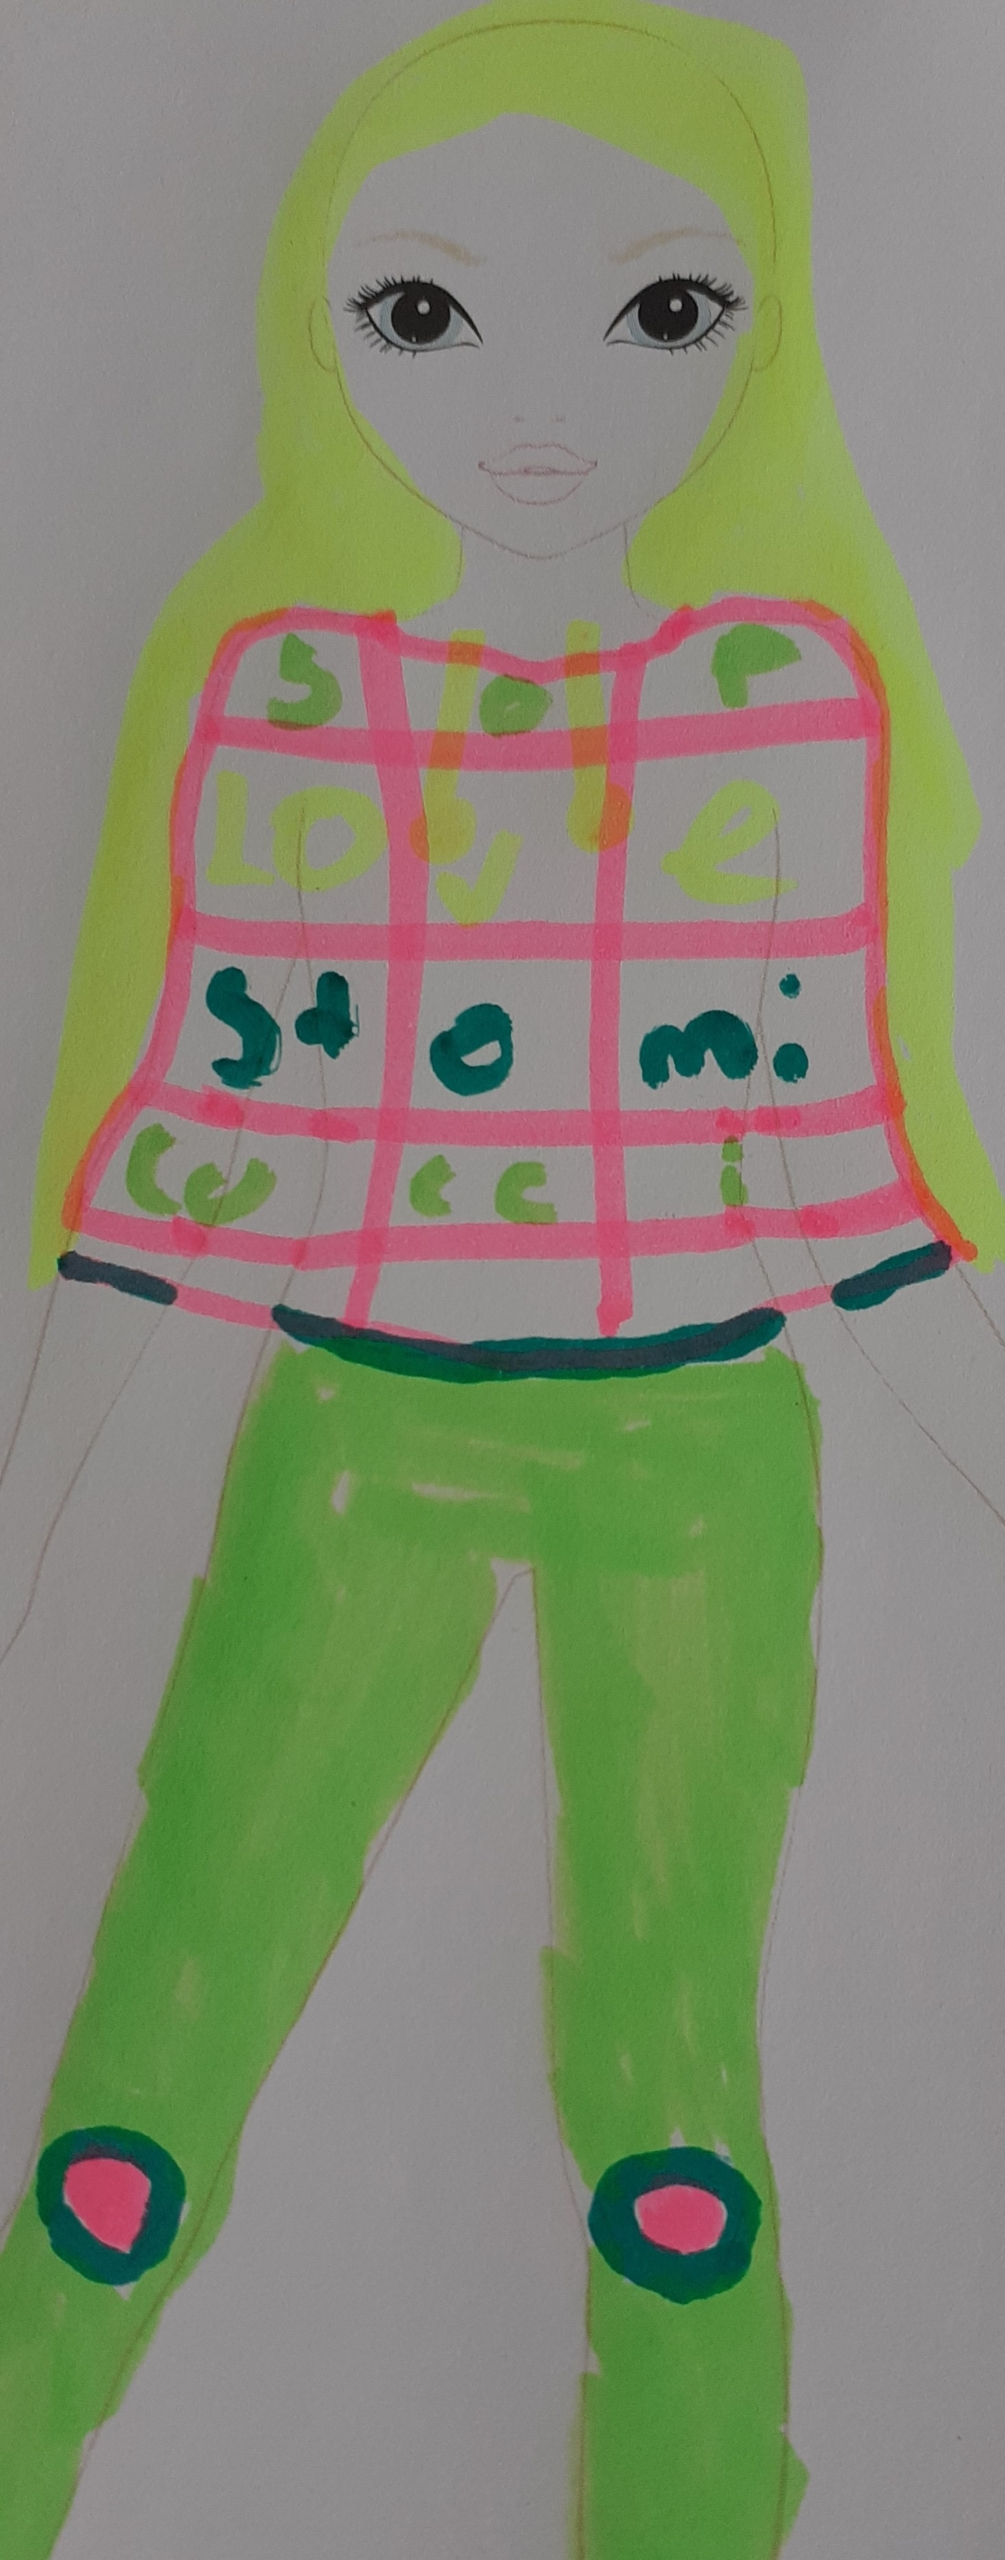 Hannah G., 9 Jahre, aus Menden/Sauerland